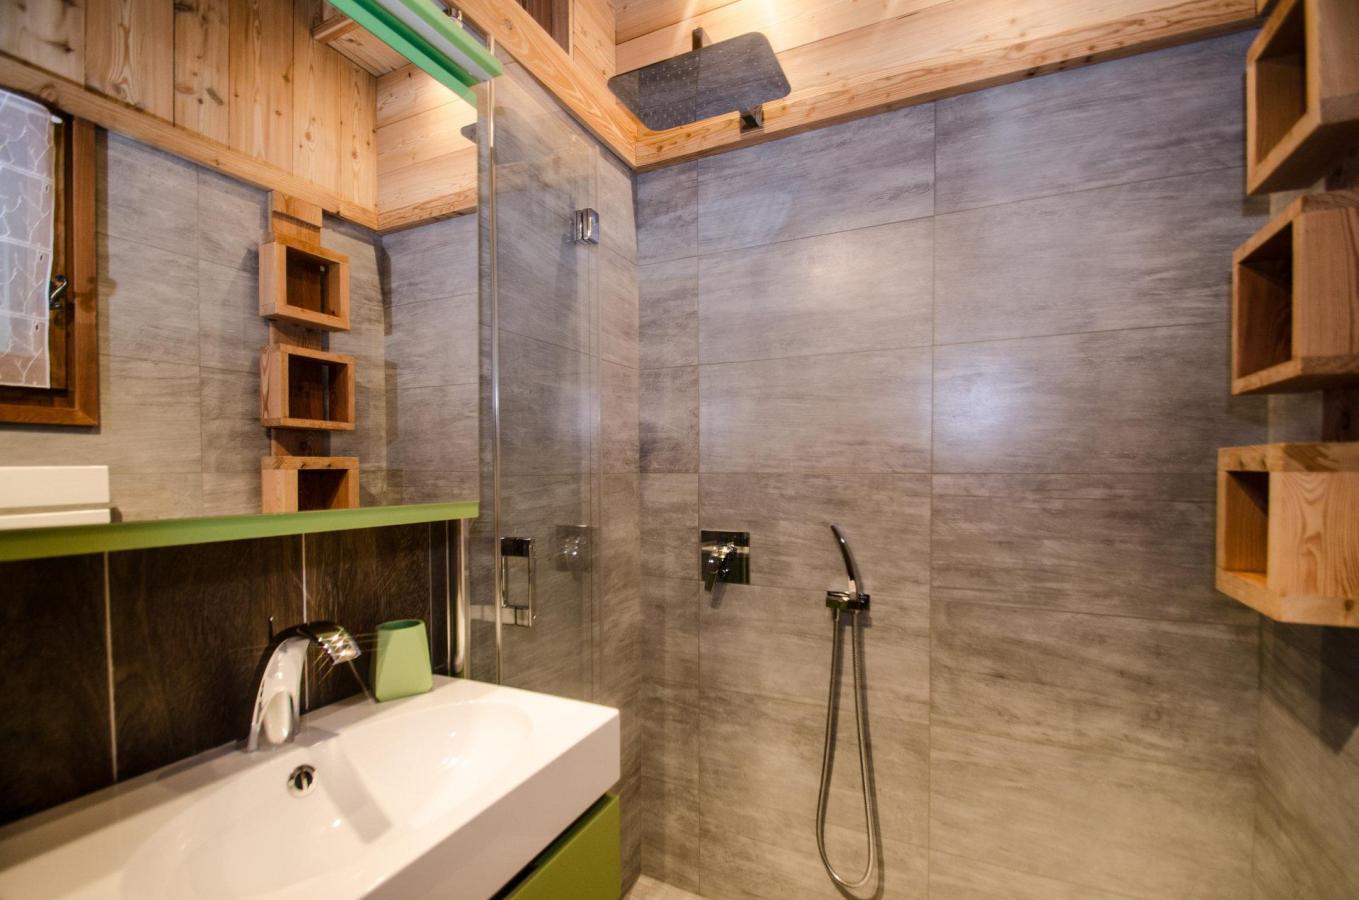 Location au ski Appartement 3 pièces 6 personnes (GOLF ) - Chalet Le Col Du Dome - Chamonix - Kitchenette